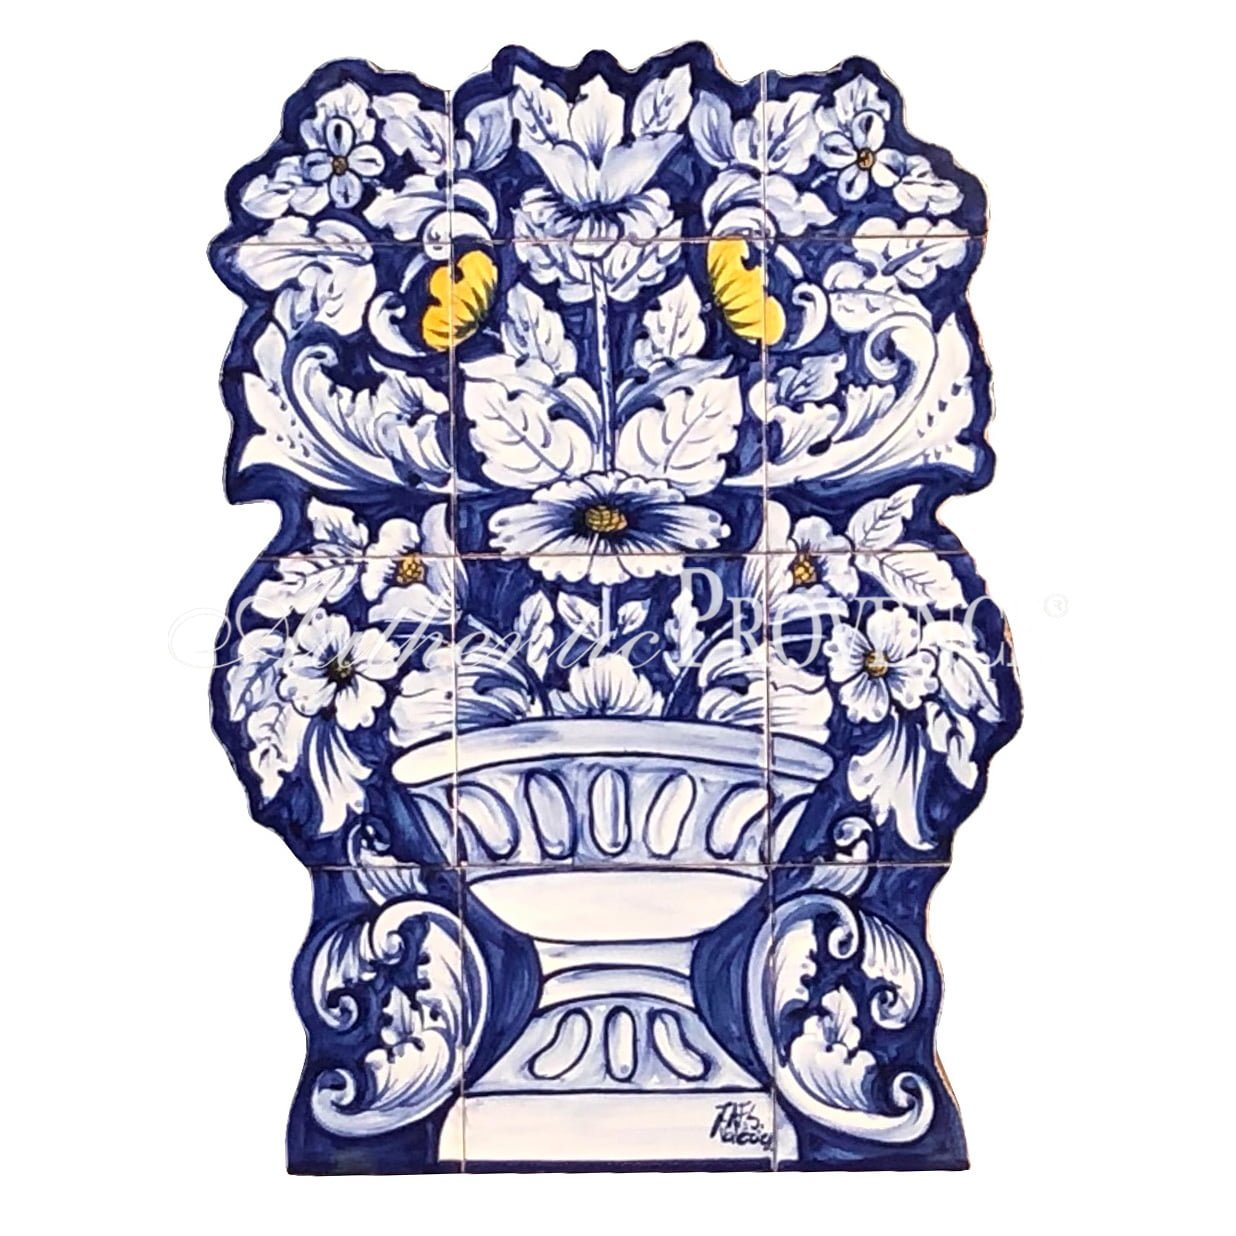 Azulejos Coimbra